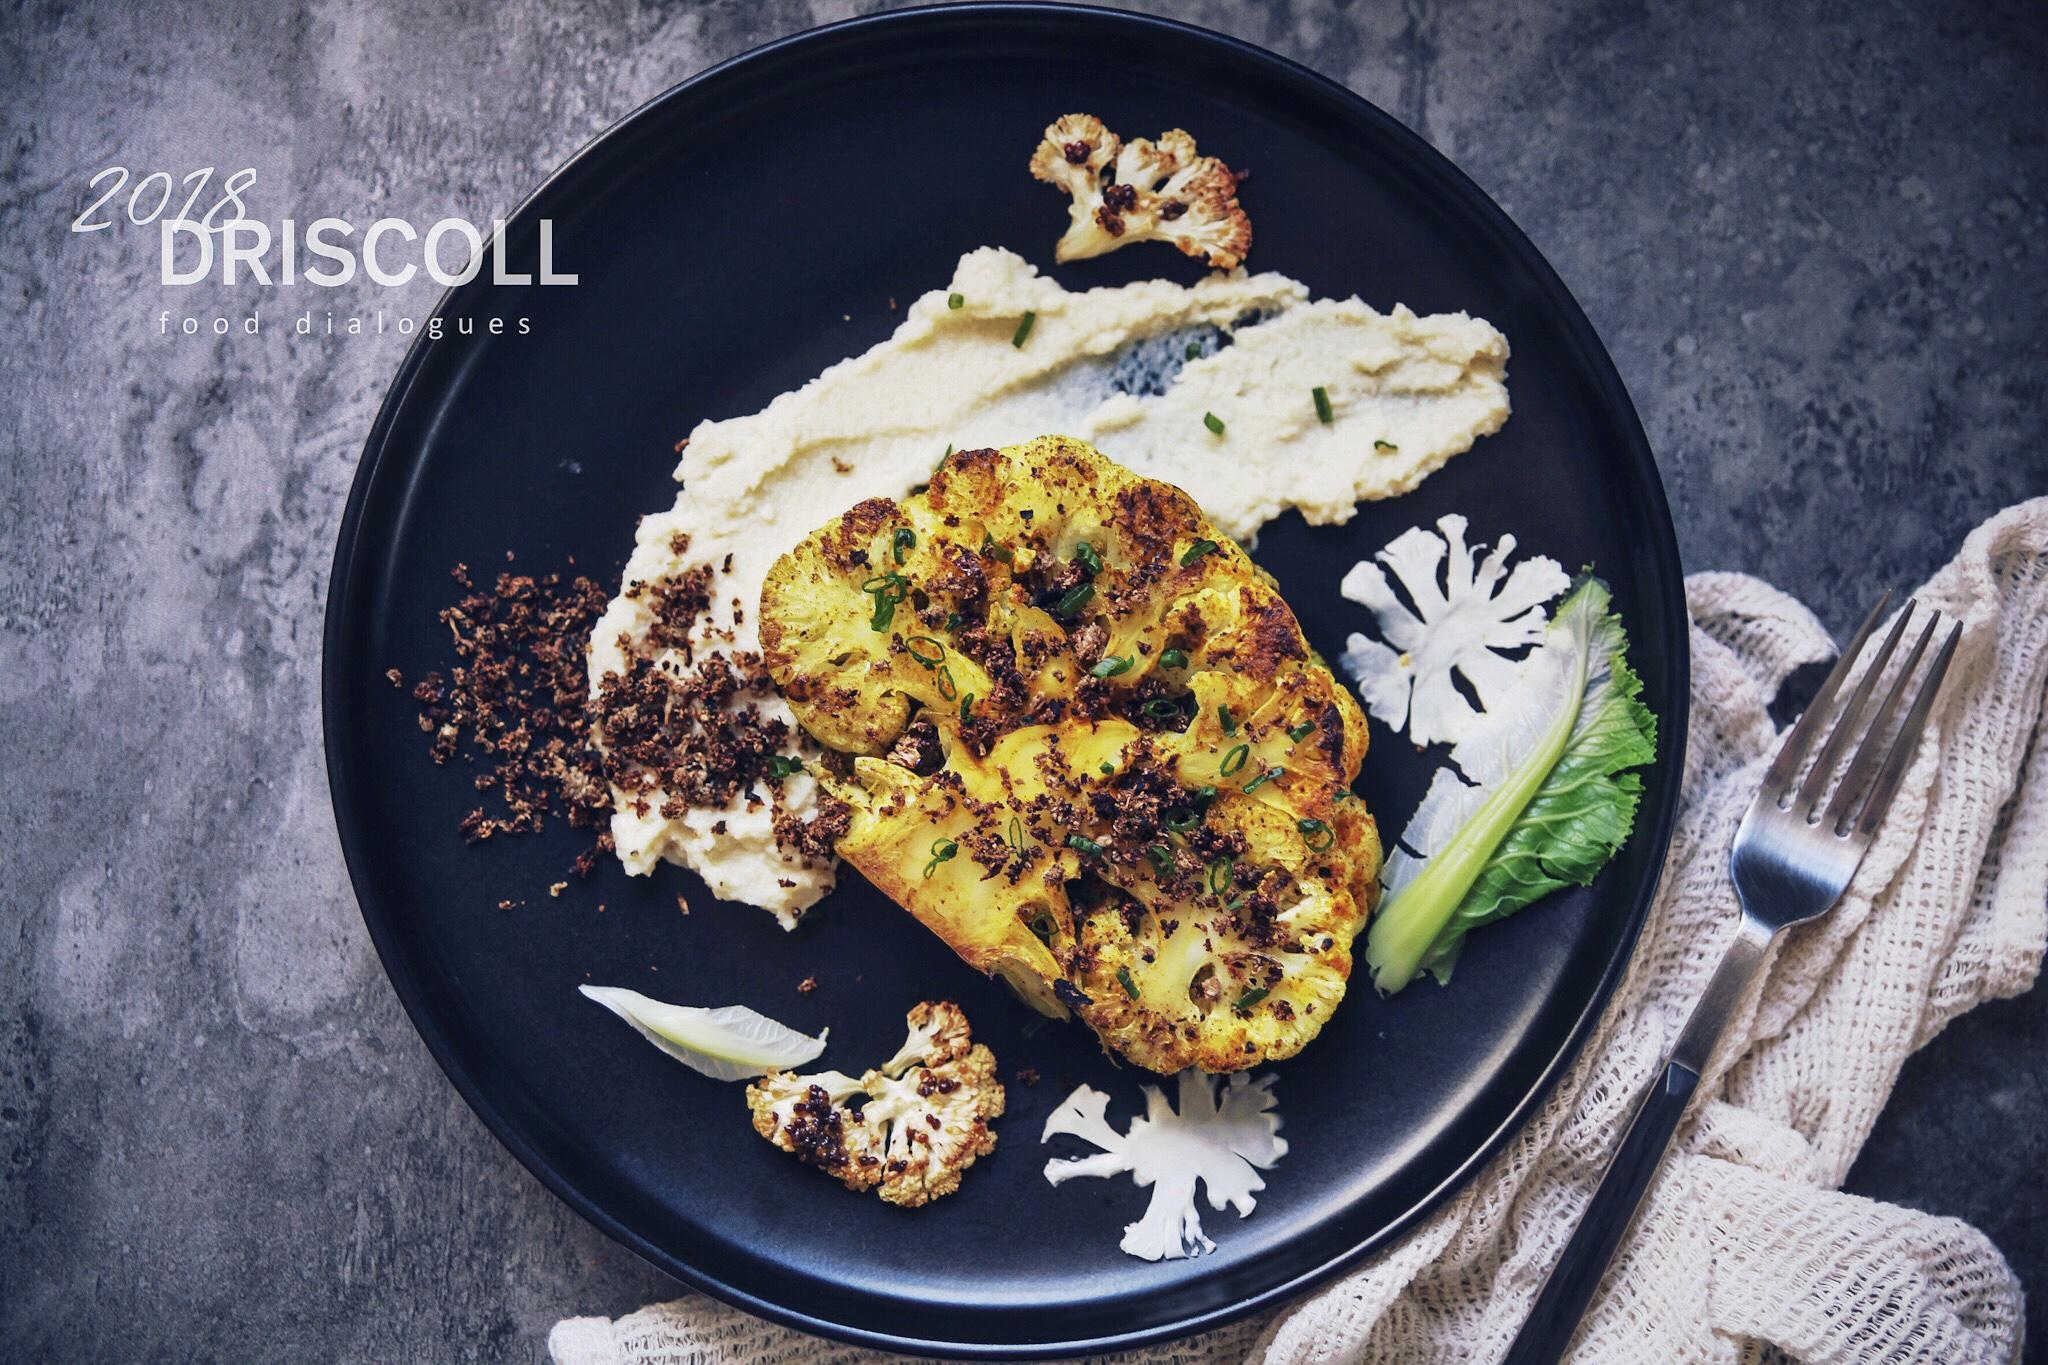 味噌花椰菜泥 – 食物 • 對話 —— 用食物探索未知